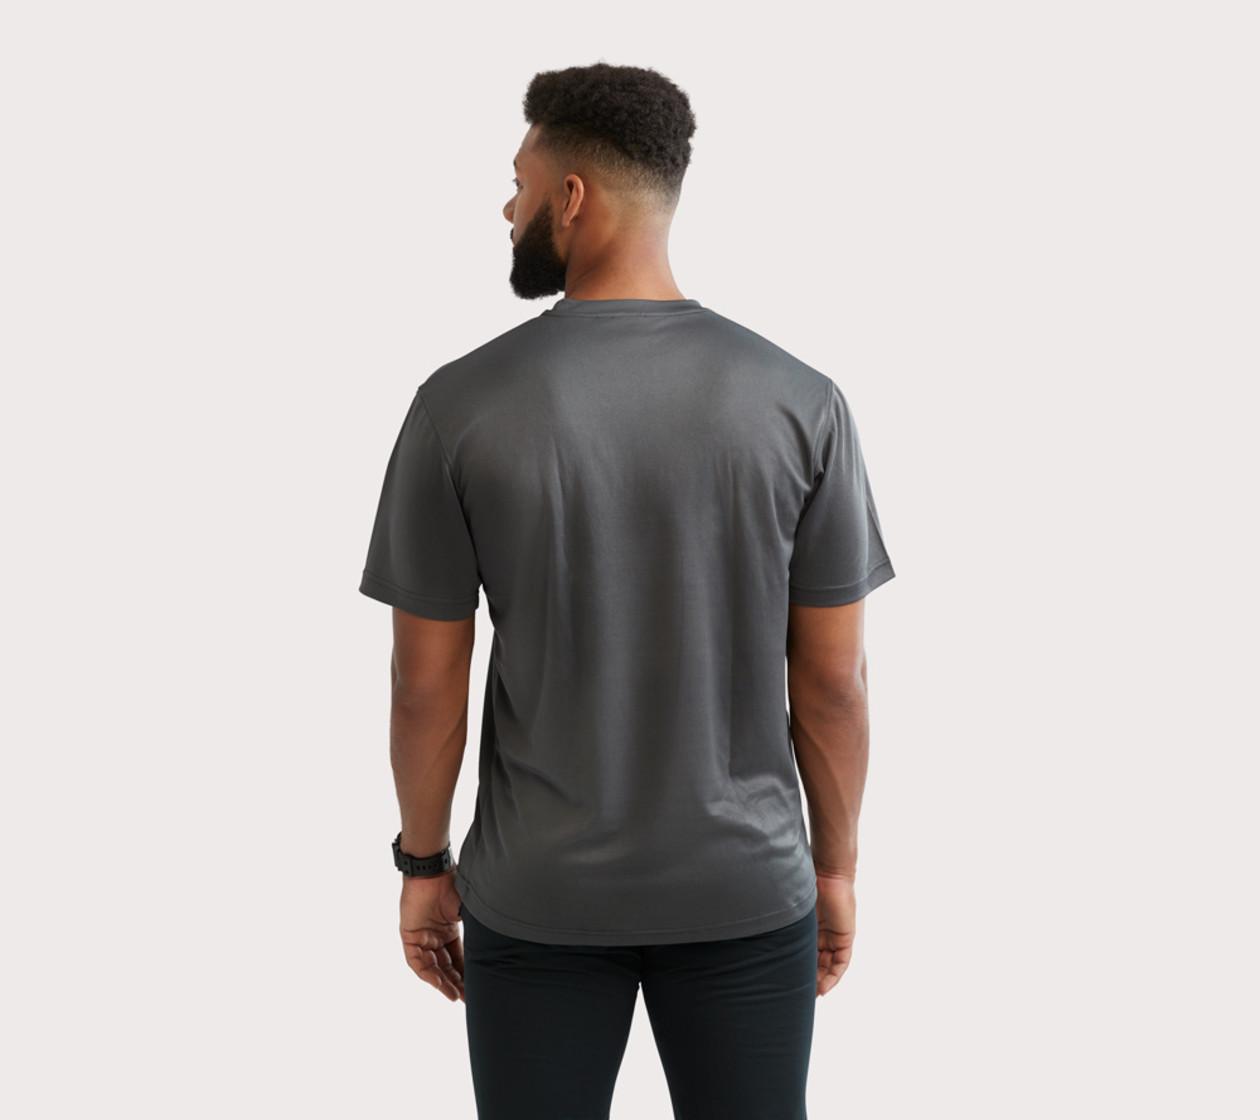 Camiseta Entrenamiento Hombre